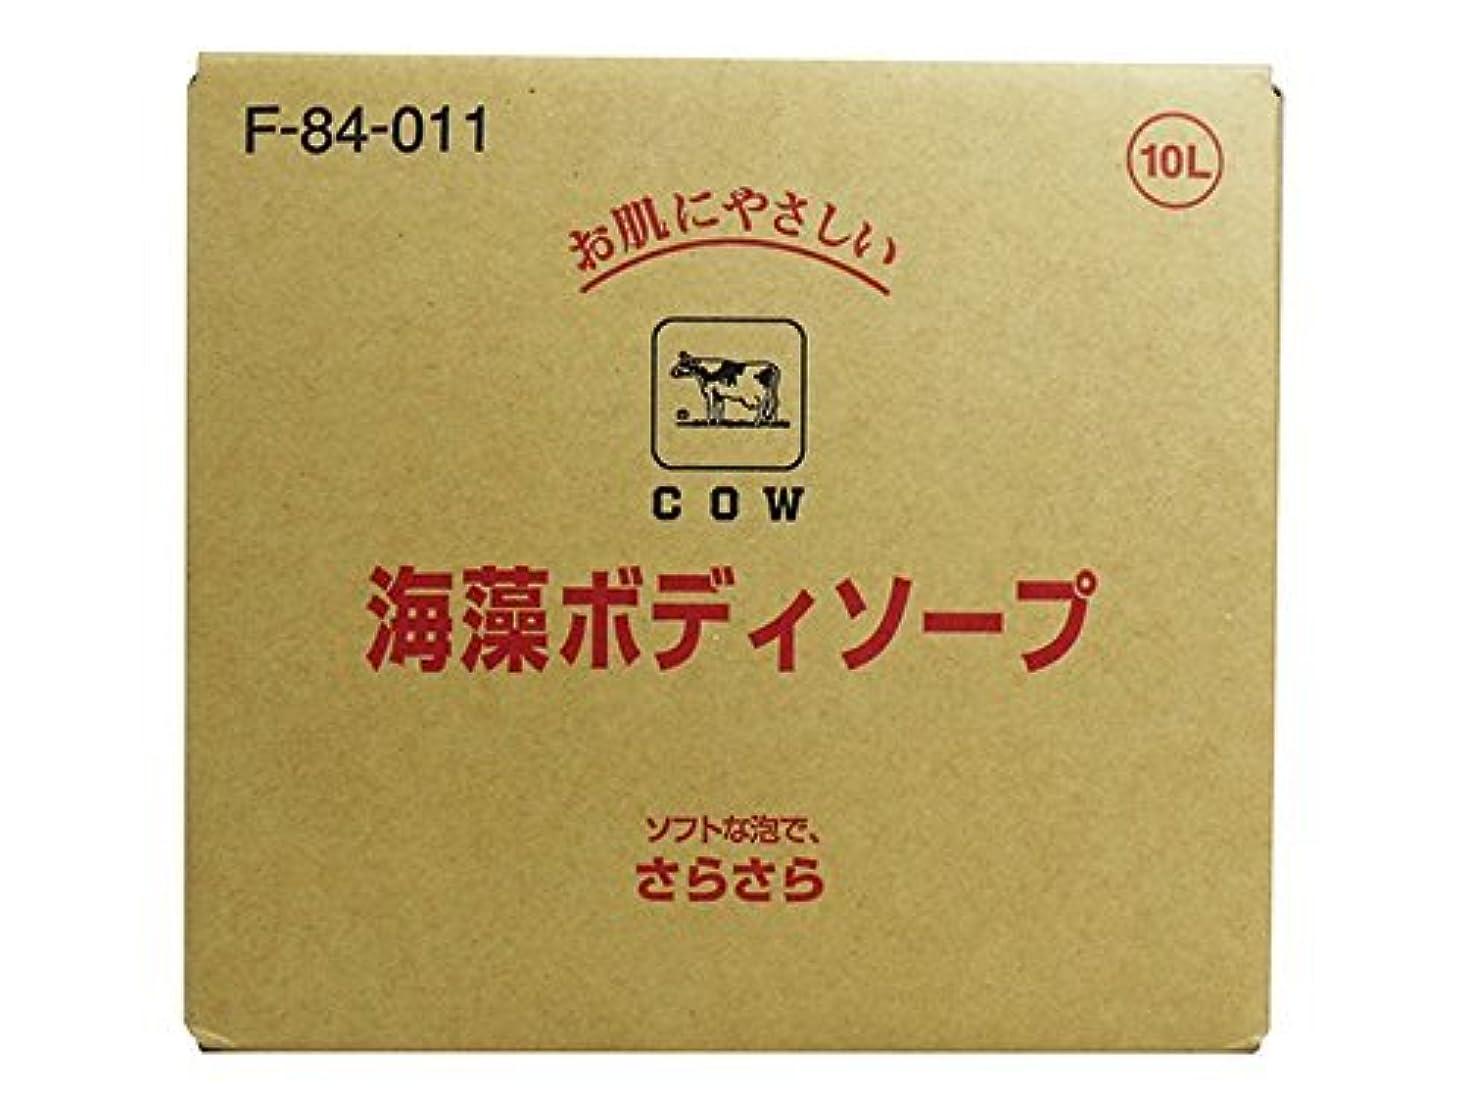 彼のサンプル第業務用ボディーソープ【牛乳ブランド 海藻ボディソープ 10L】